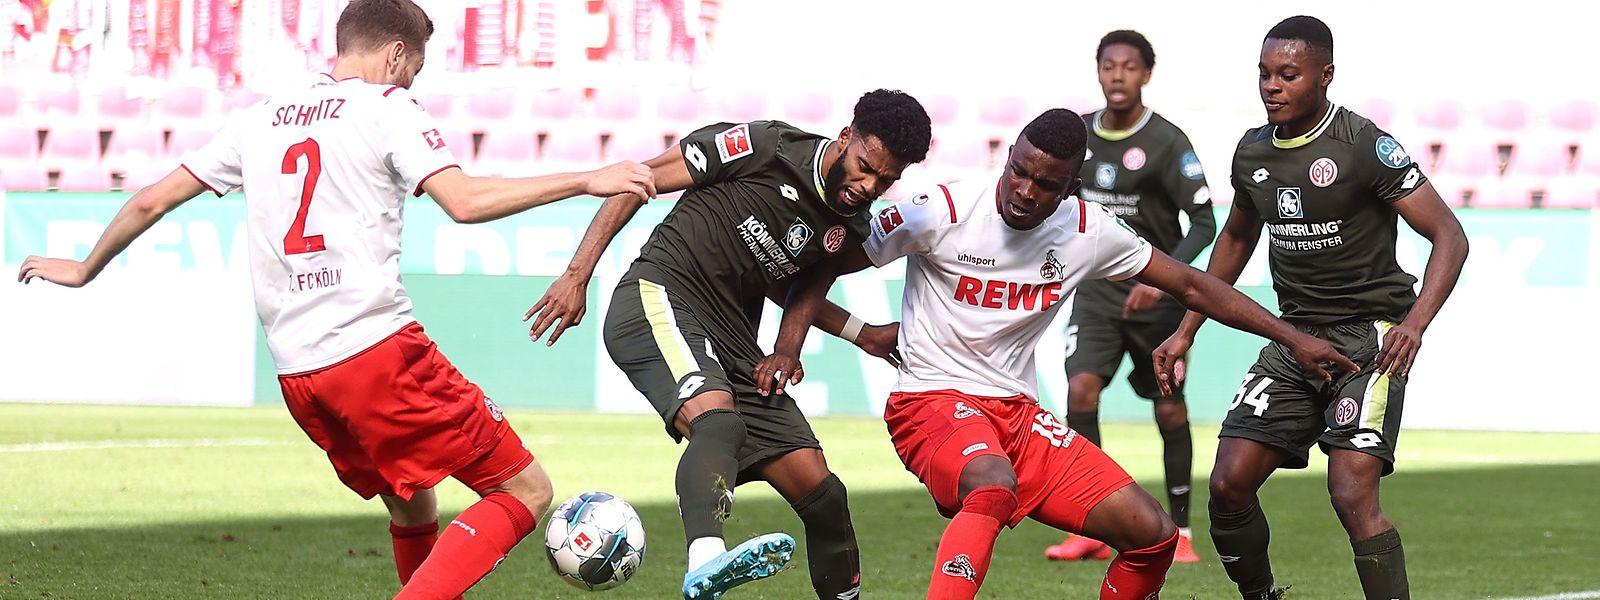 Der Mainzer Jeremiah St. Juste verteidigt den Ball gegen die Kölner Benno Schmitz (l.) und Jhon Cordoba.